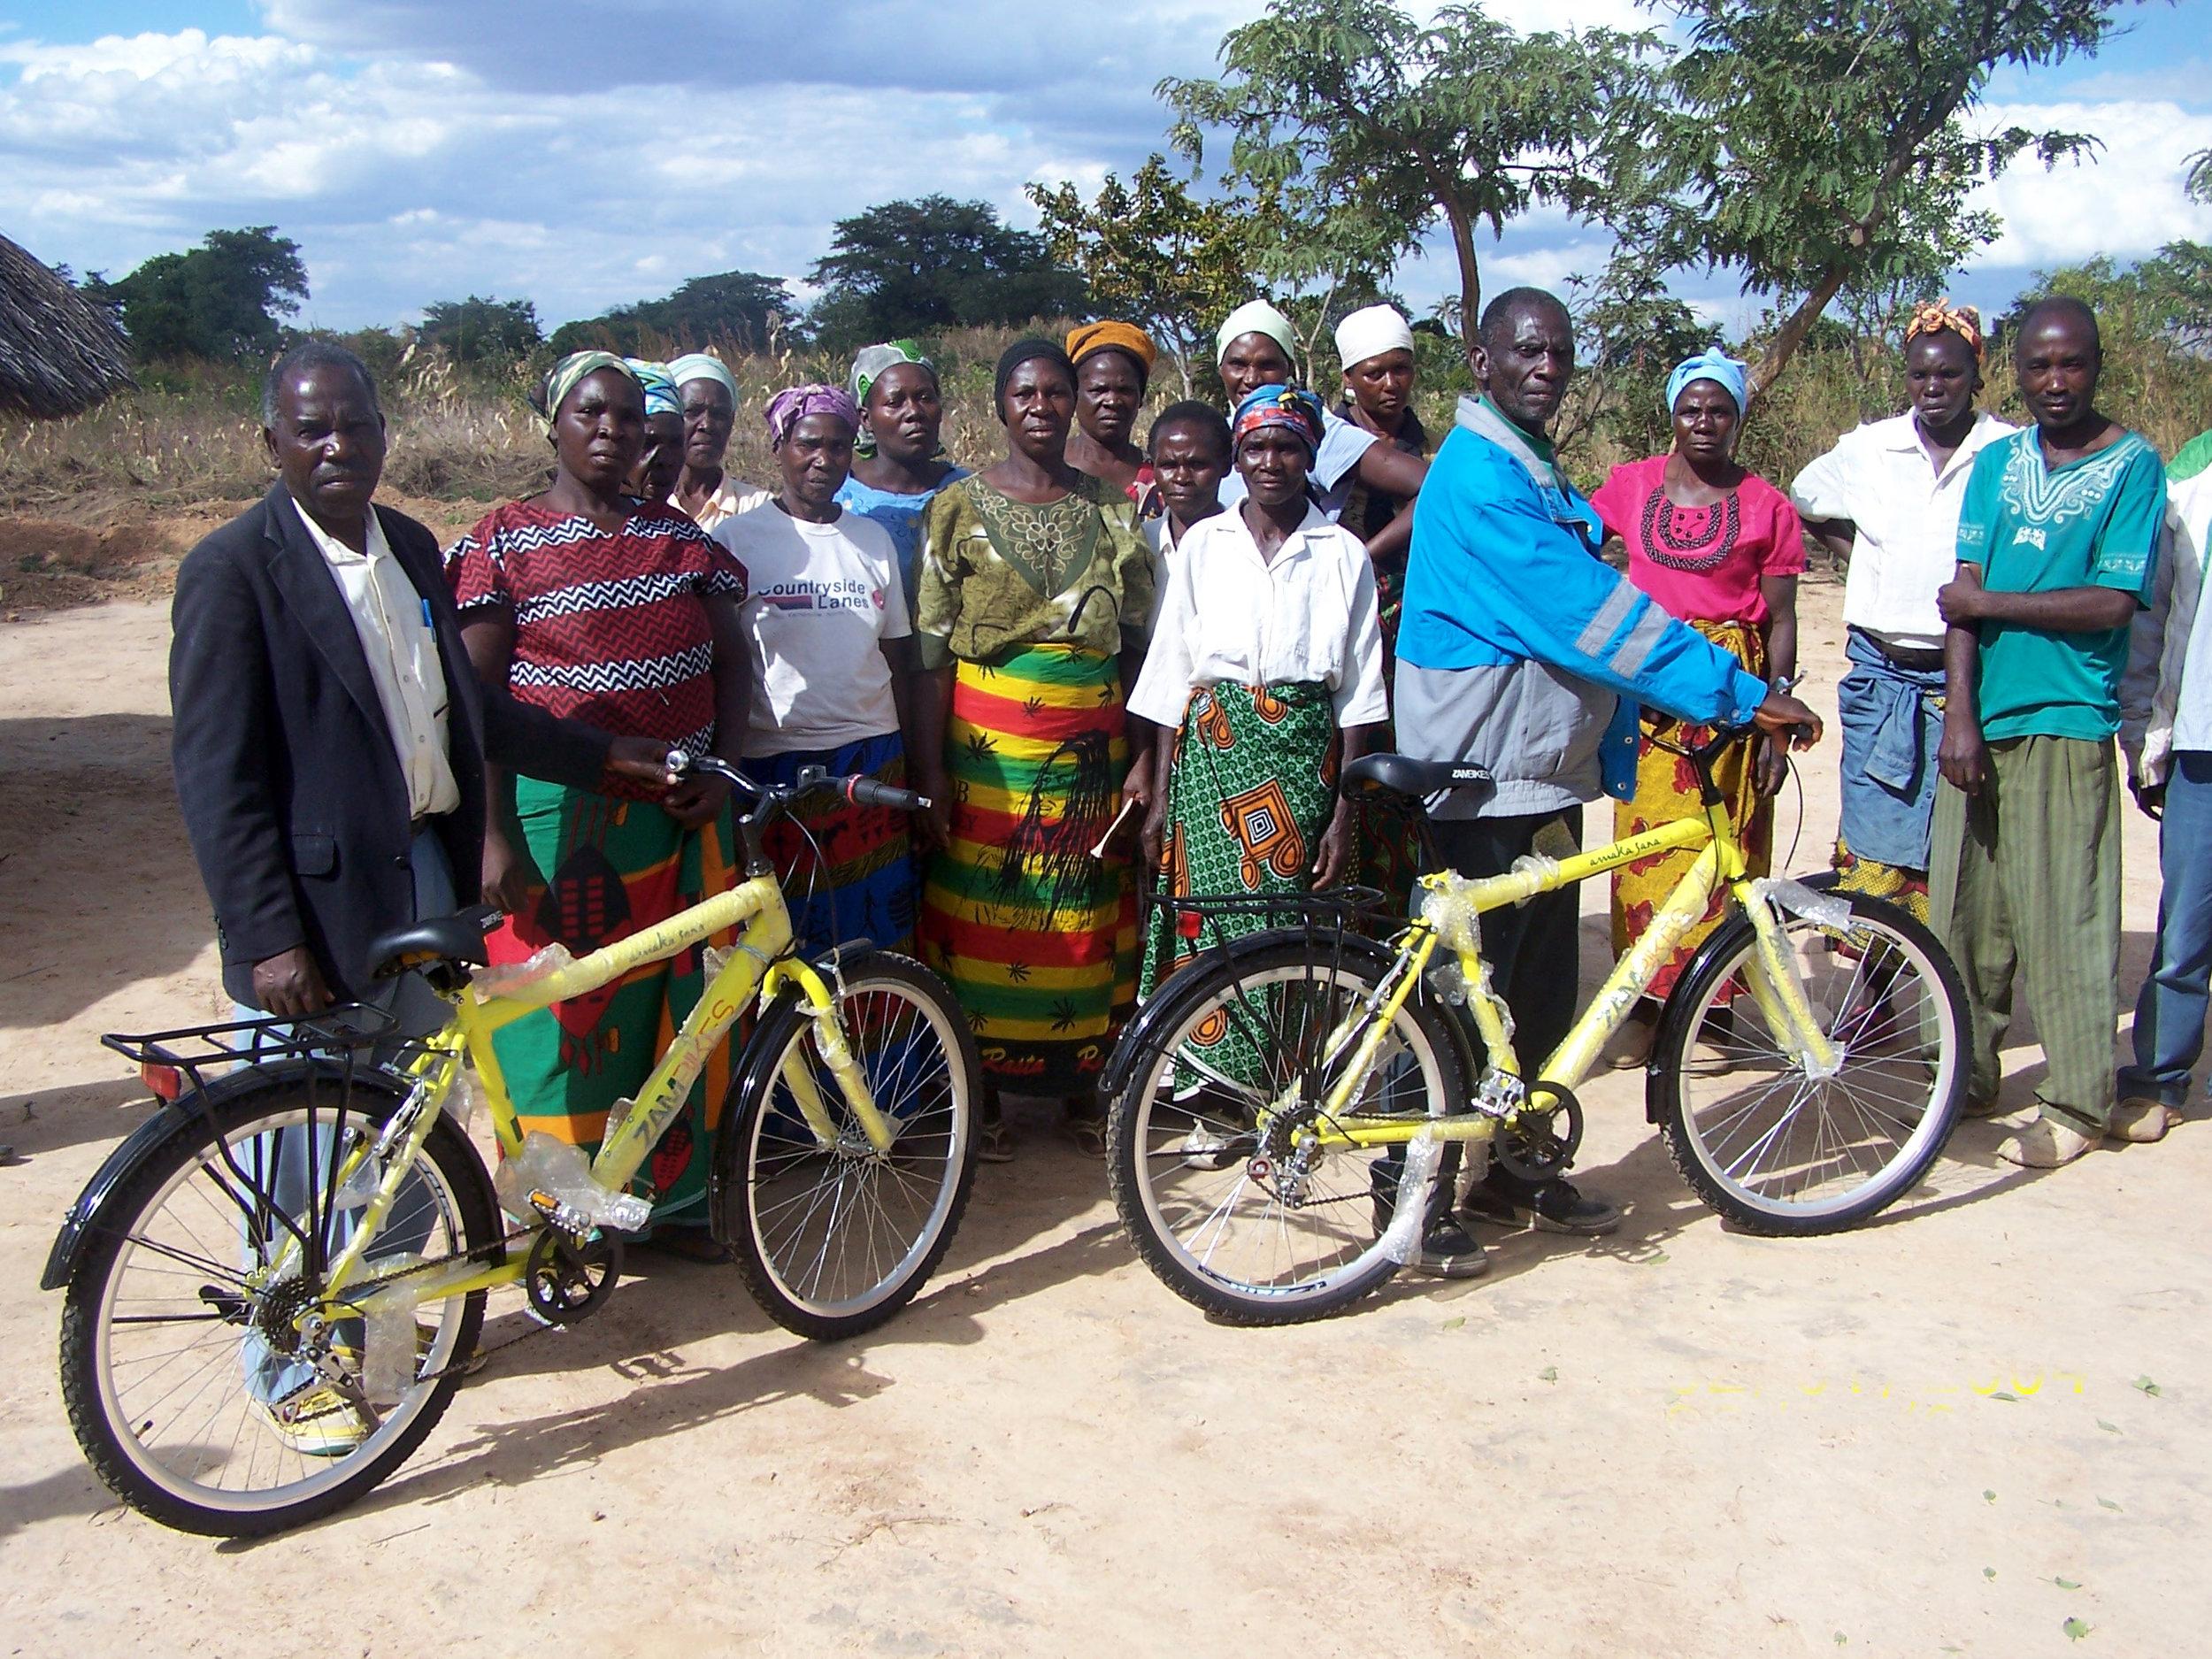 Zambia Bicycle Evangelists